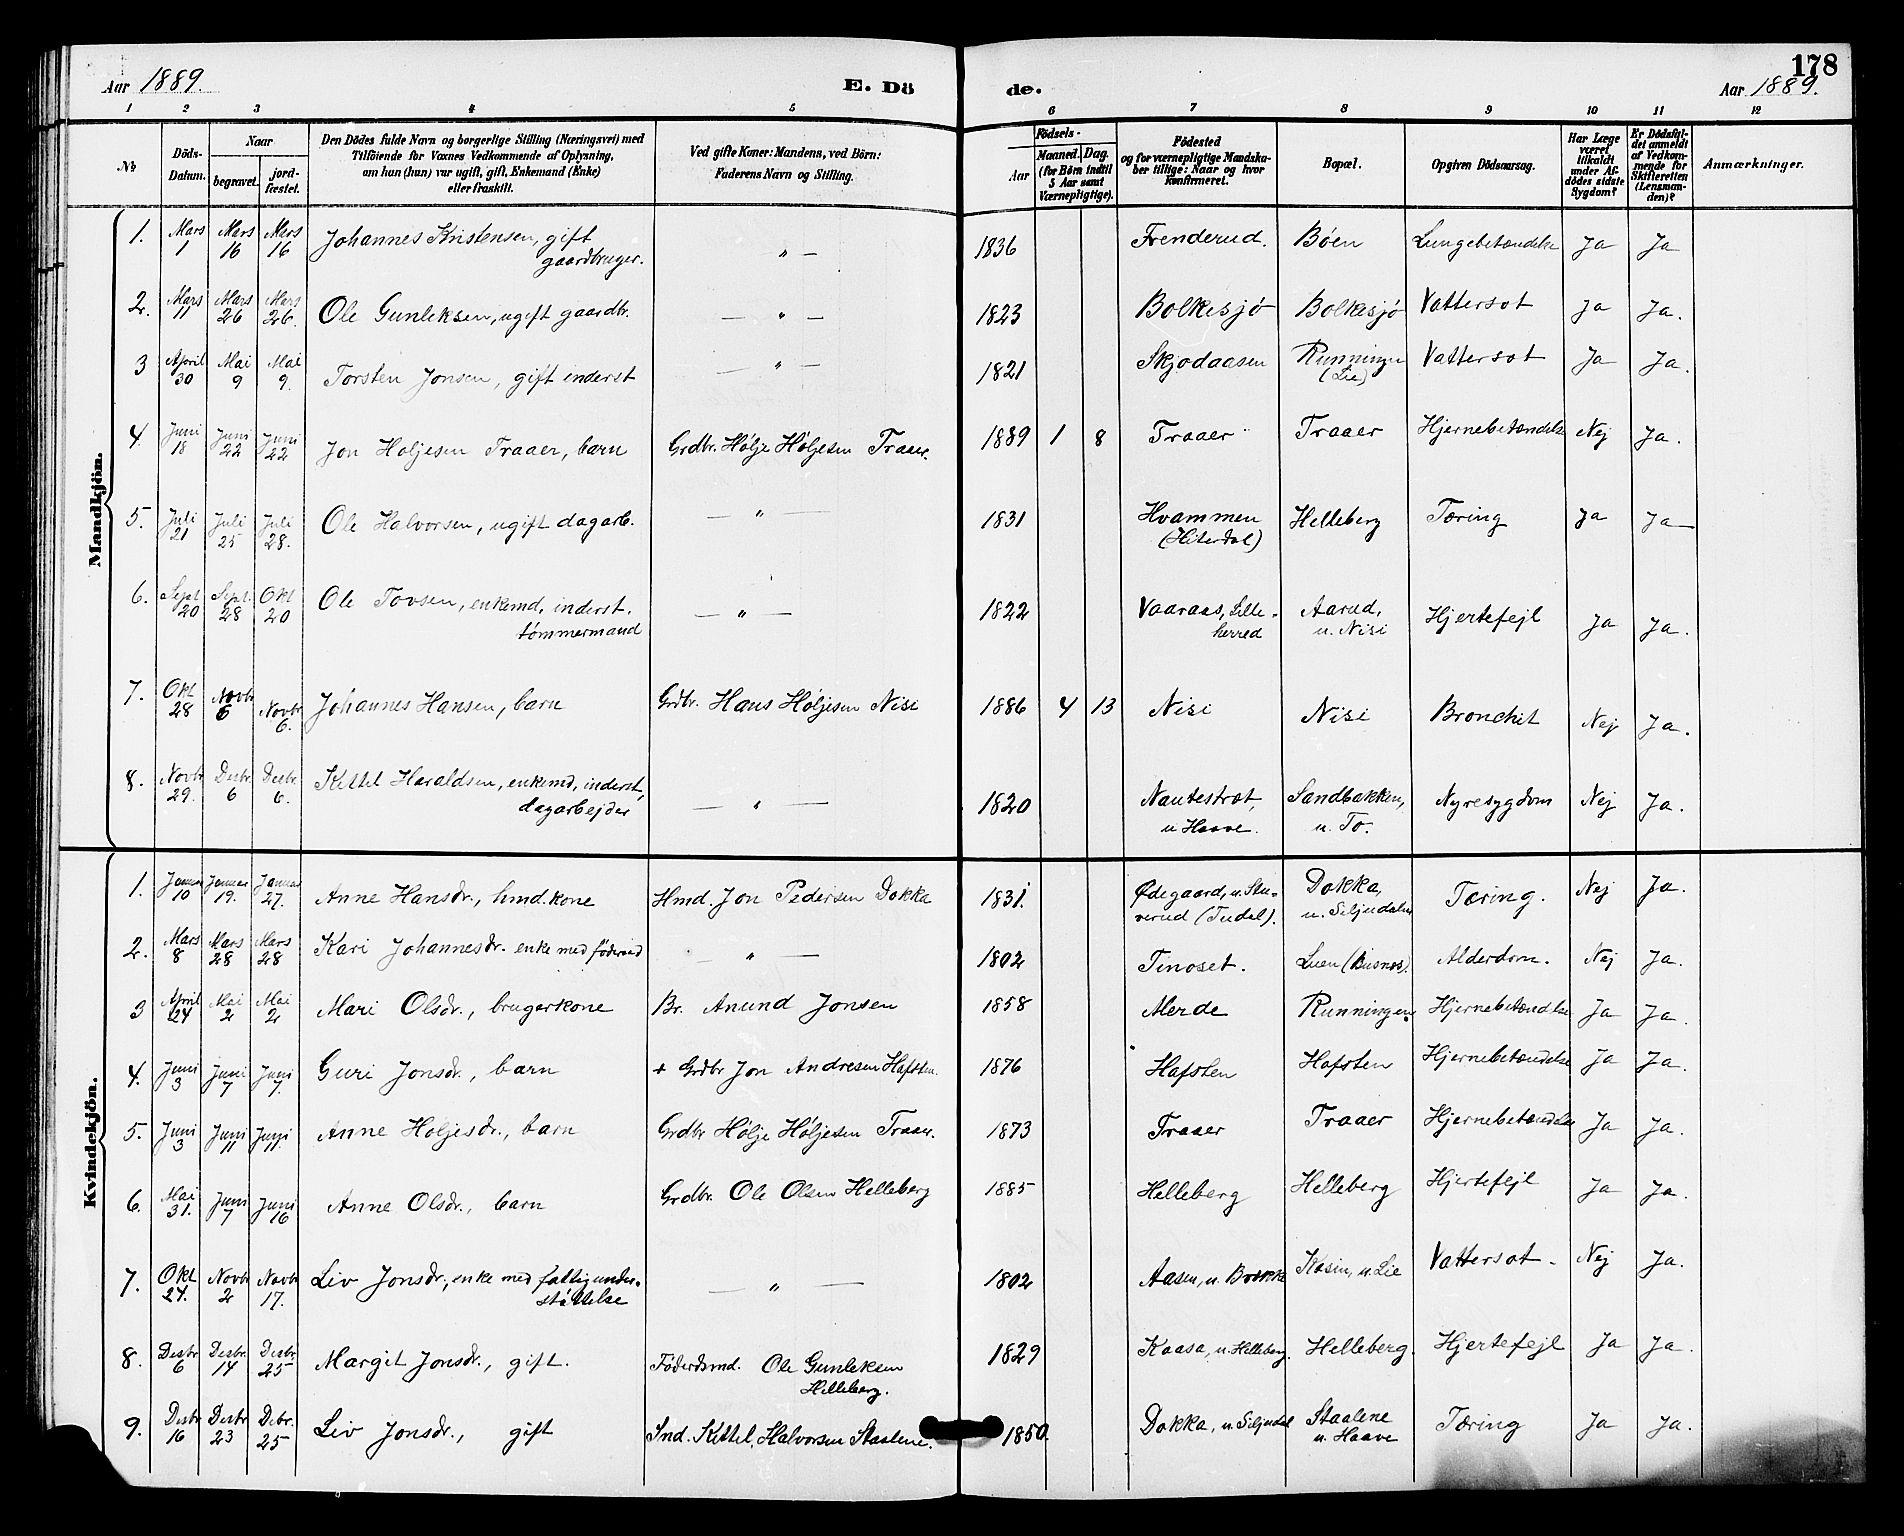 SAKO, Gransherad kirkebøker, G/Ga/L0003: Klokkerbok nr. I 3, 1887-1915, s. 178